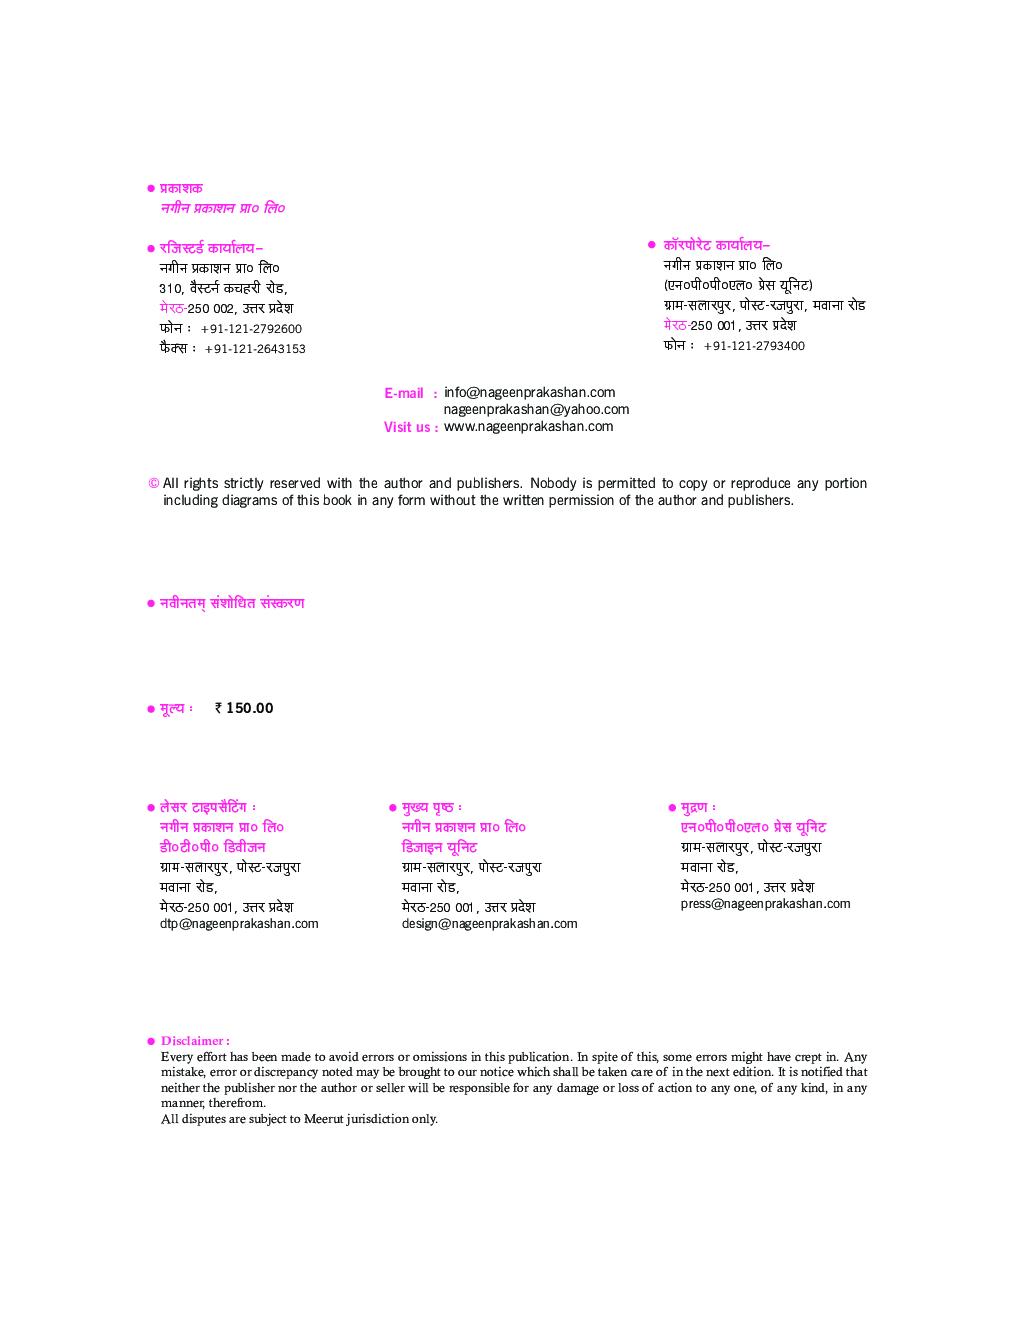 UP Board माध्यमिक प्रयोगात्मक रसायन विज्ञान For Class - XII - Page 3